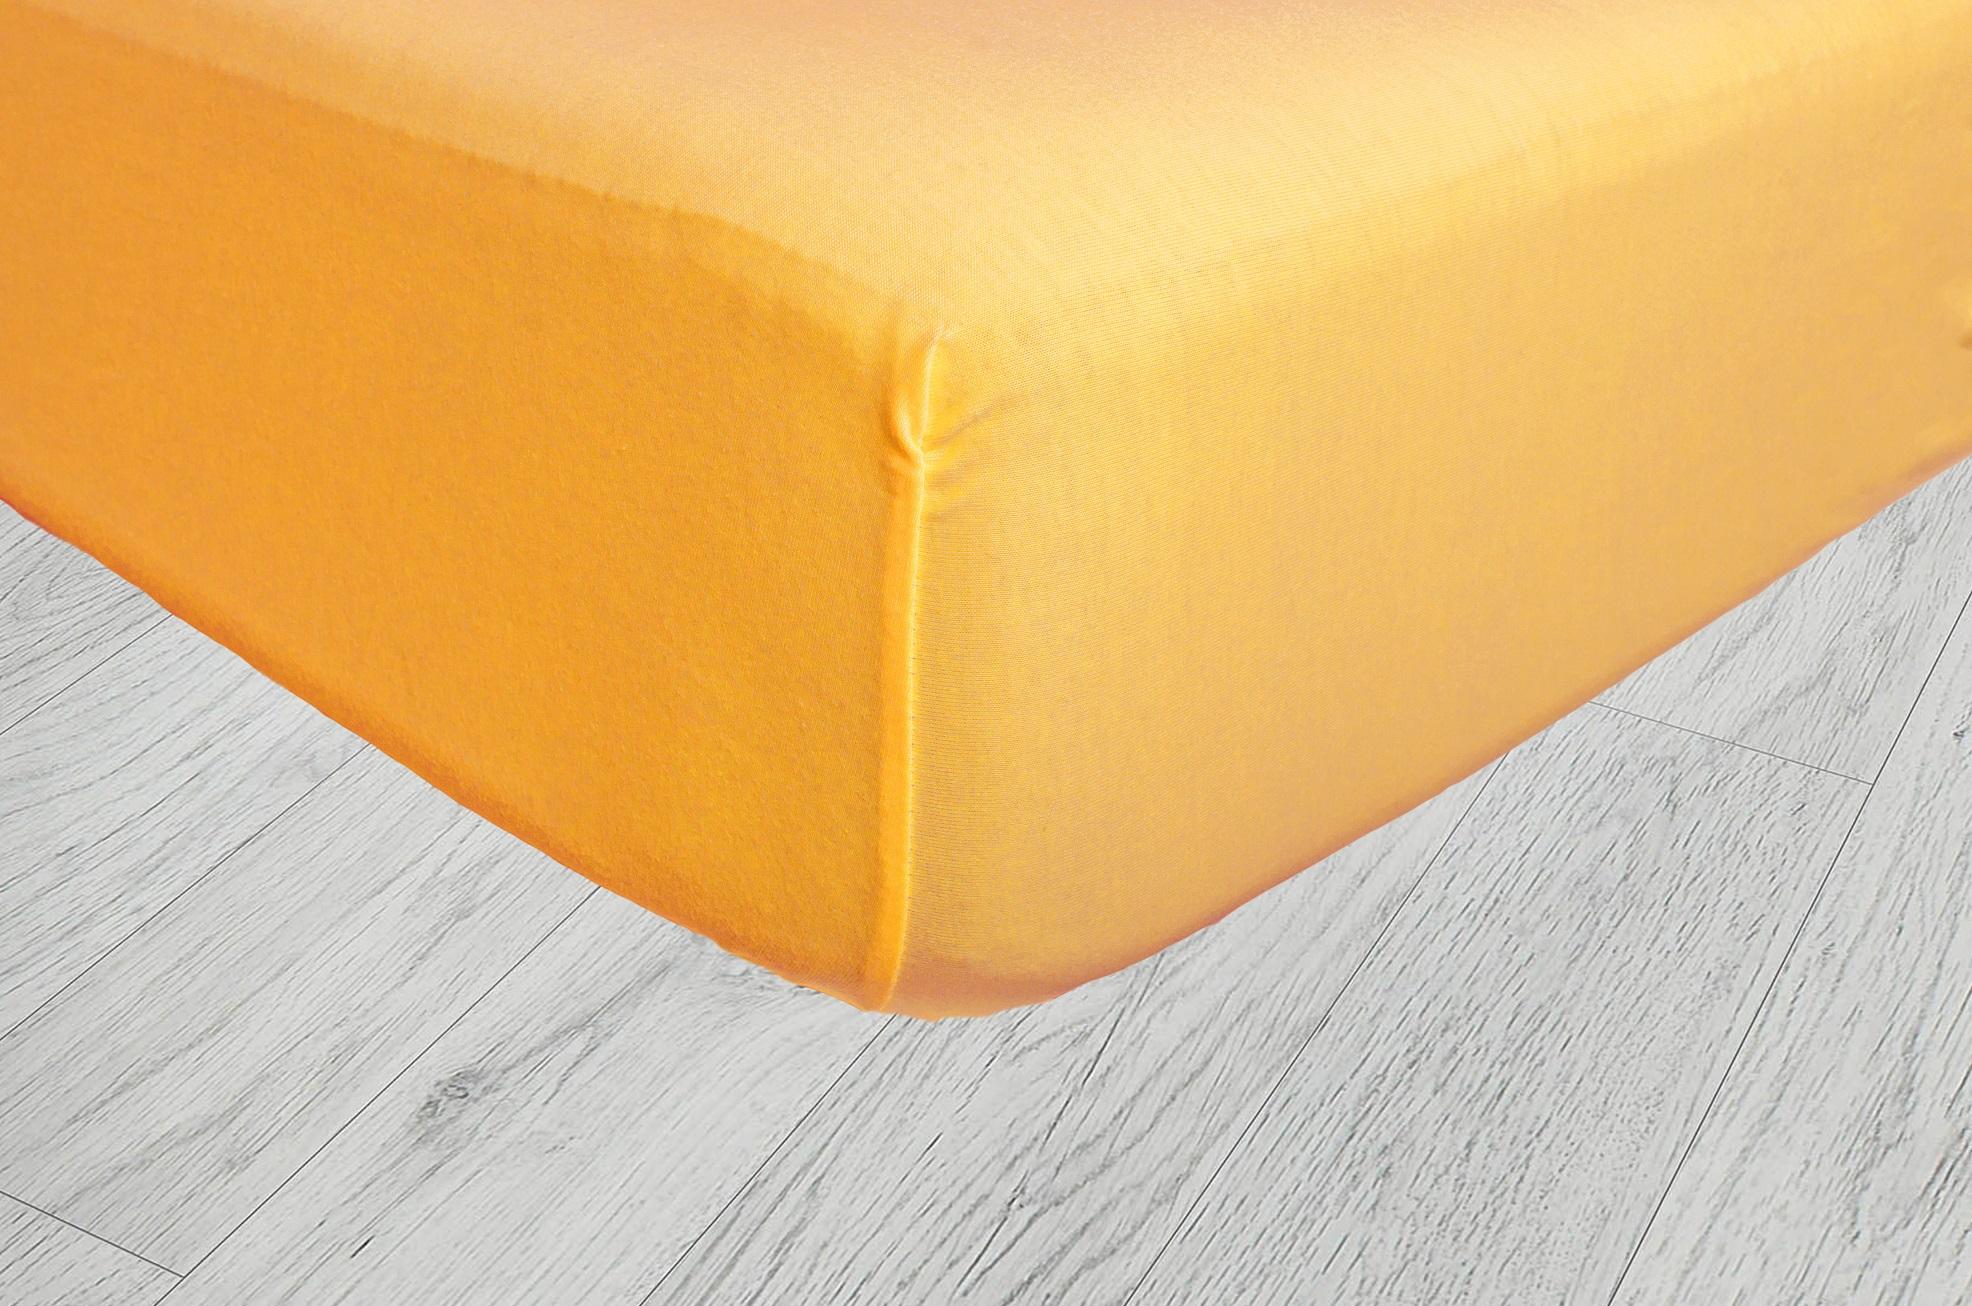 Plachty jersey - Svetlá oranžová